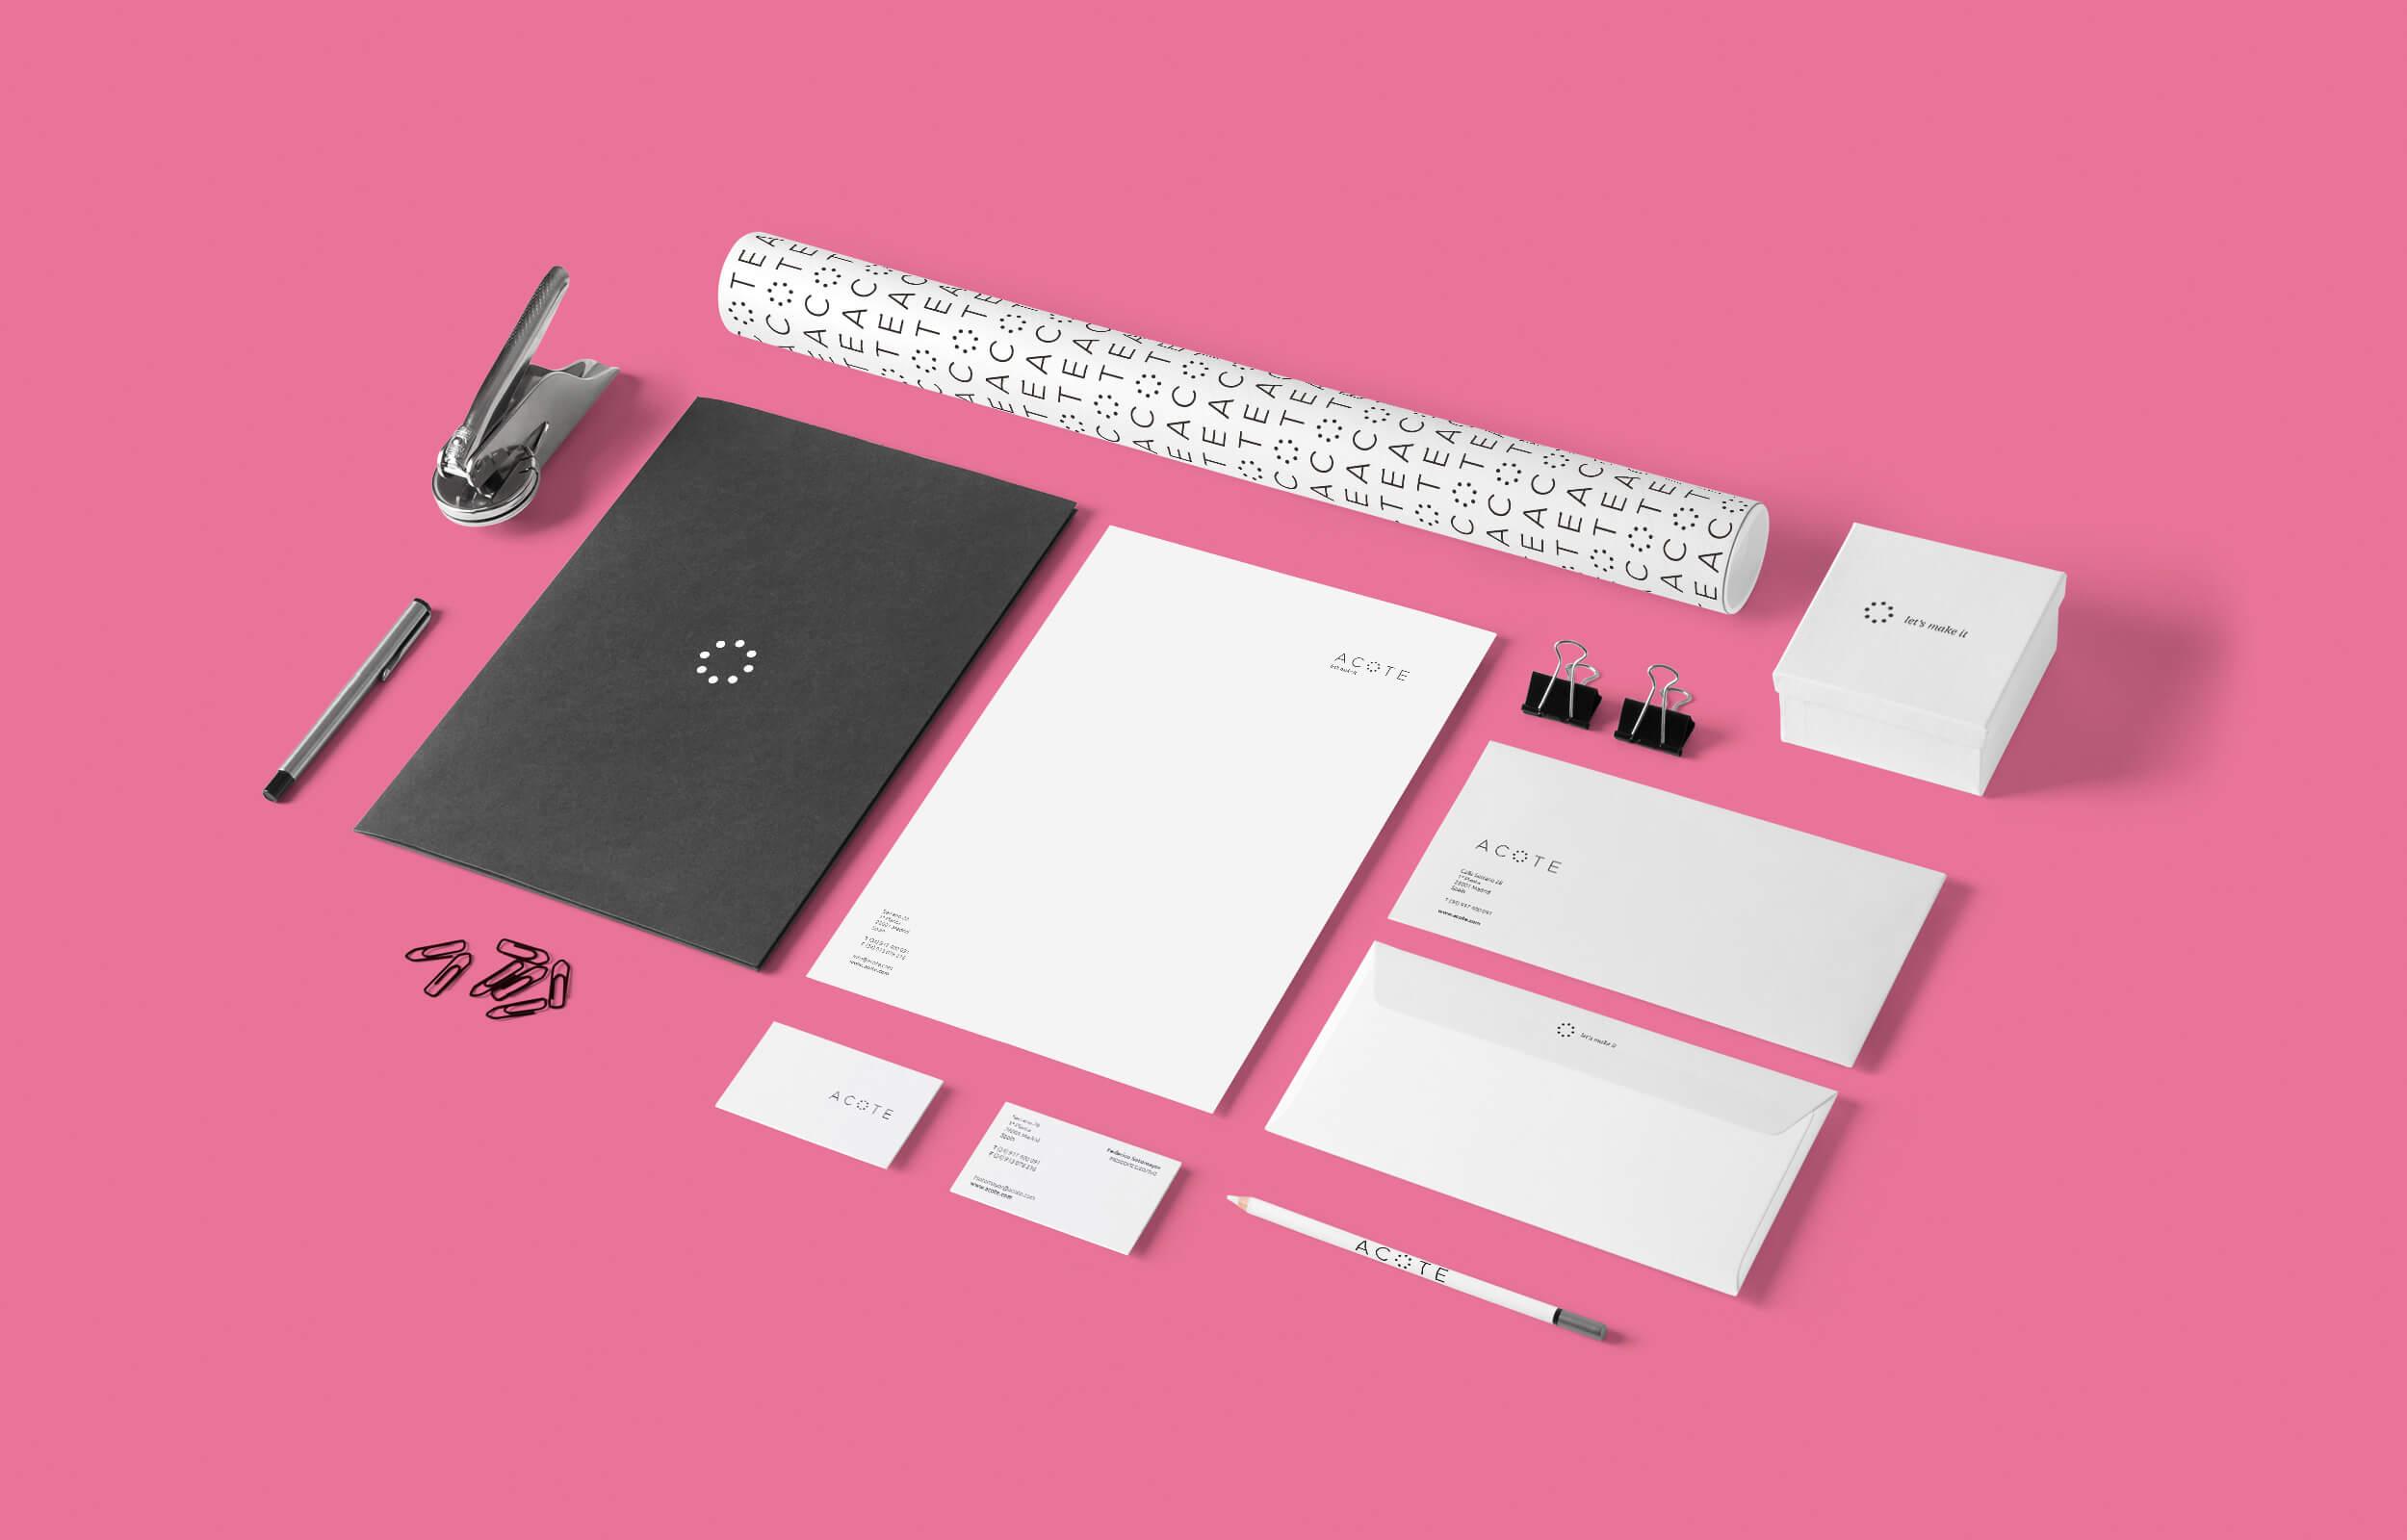 Diseño de papelería y otras piezas de comunicación para el estudio de arquitectura con sede en Madrid y México Acote